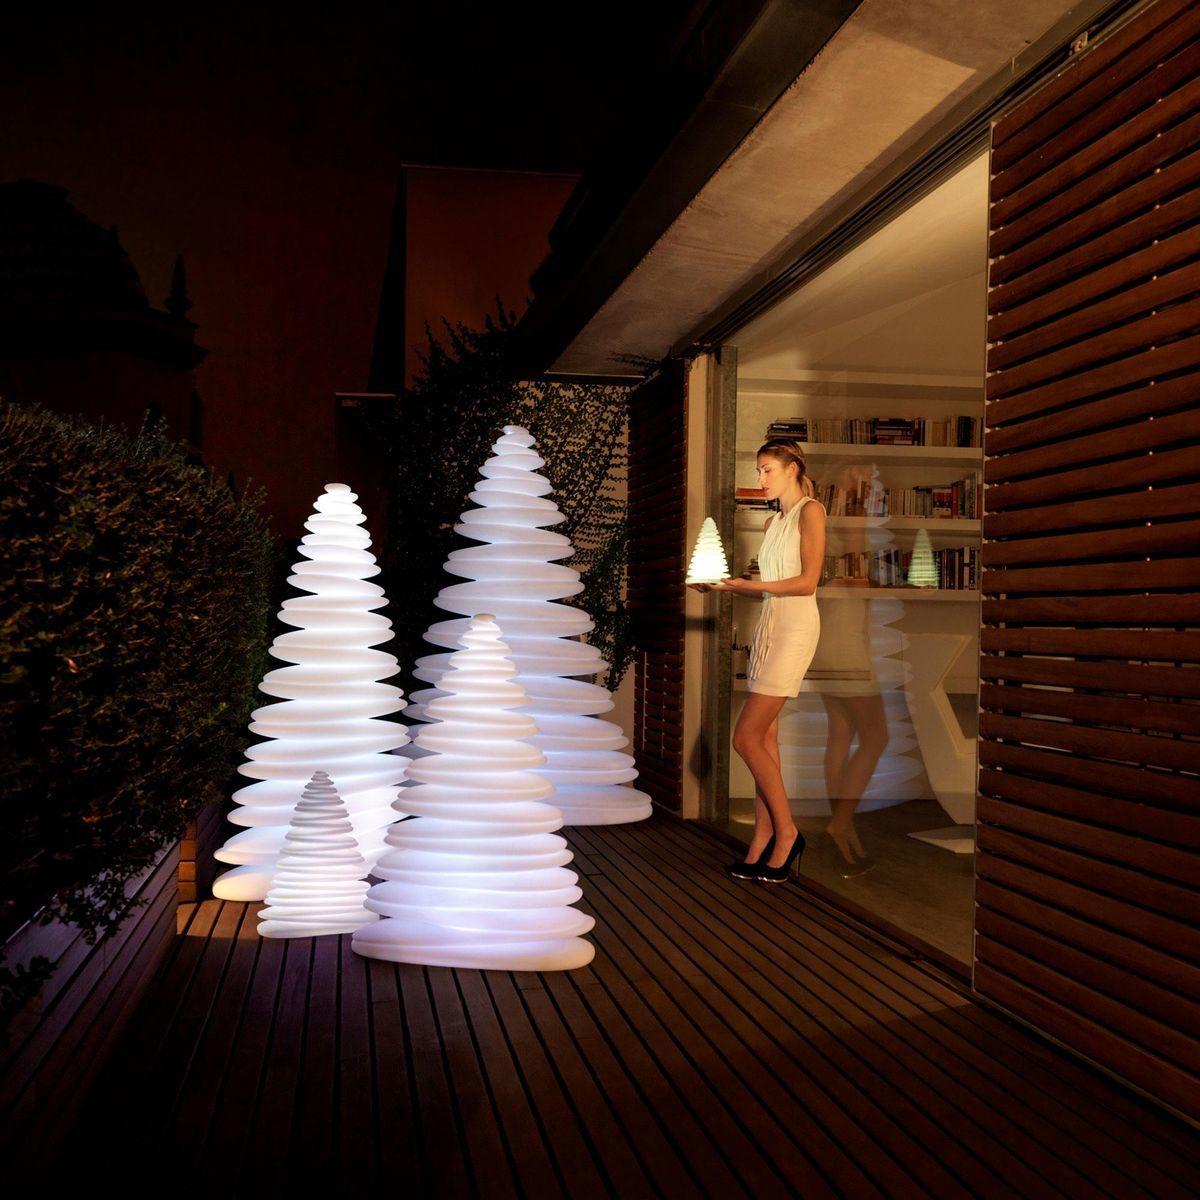 chrismy arbre de no l led vondom luminaires de sol d 39 exterieur luminaires d 39 ext rieur. Black Bedroom Furniture Sets. Home Design Ideas